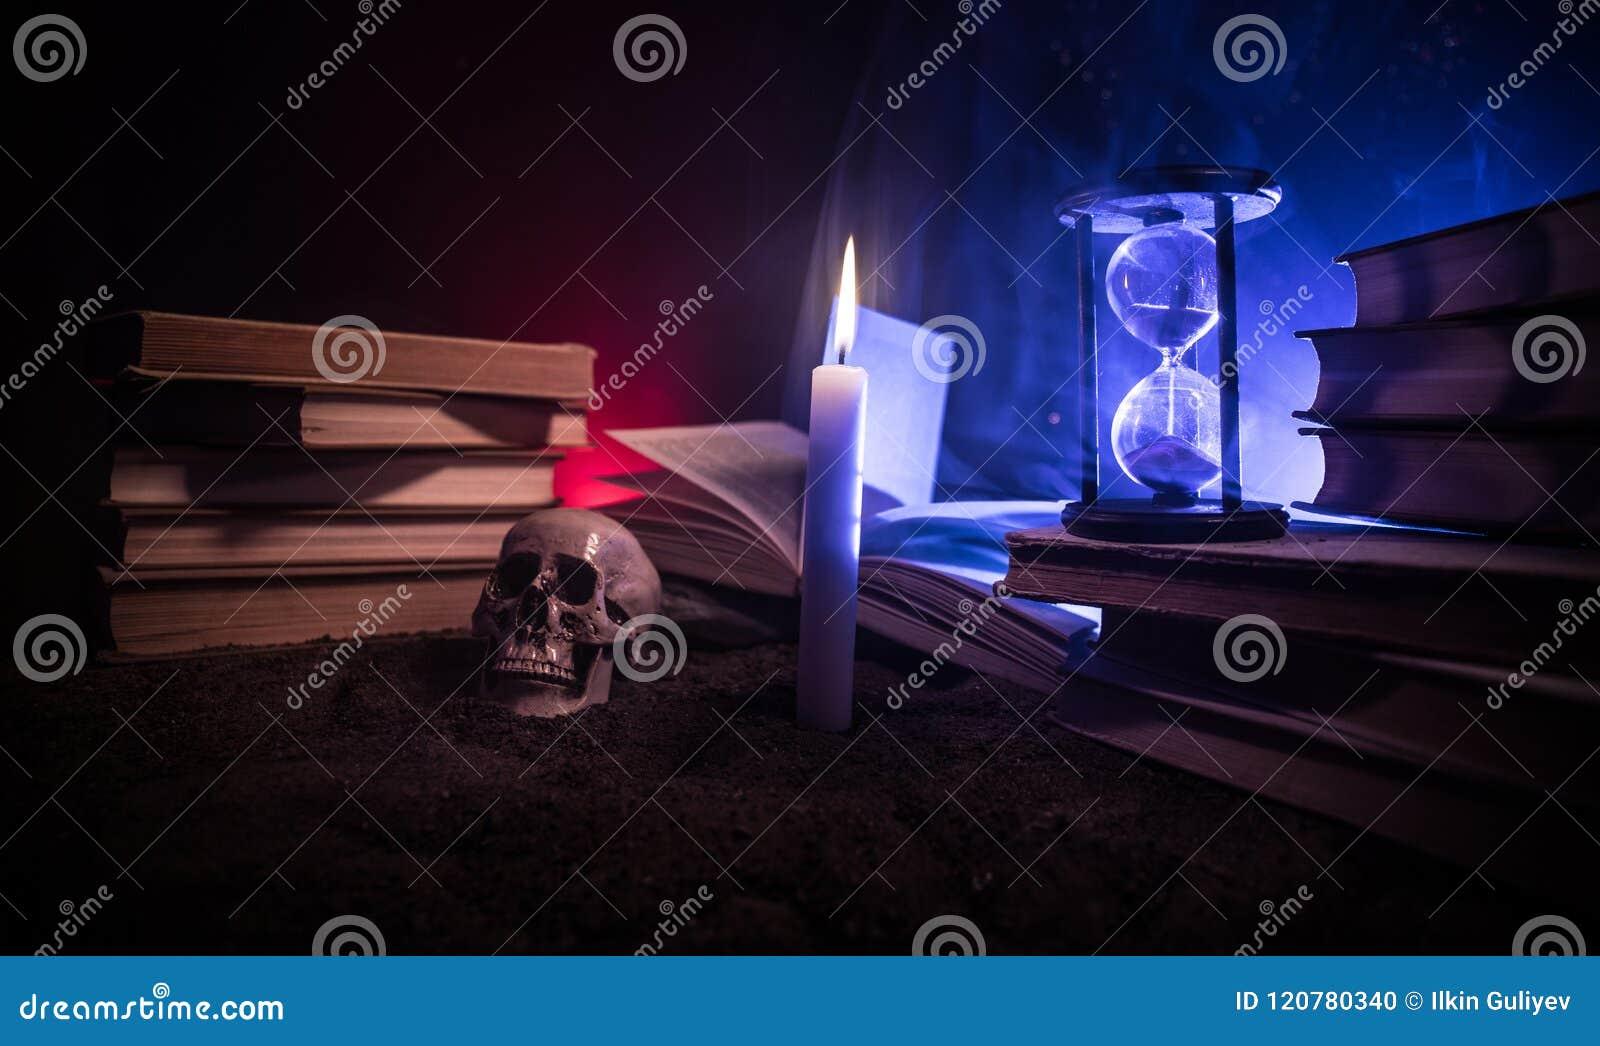 Der Schreibtisch Des Zauberers Ein Schreibtisch Beleuchtet Durch